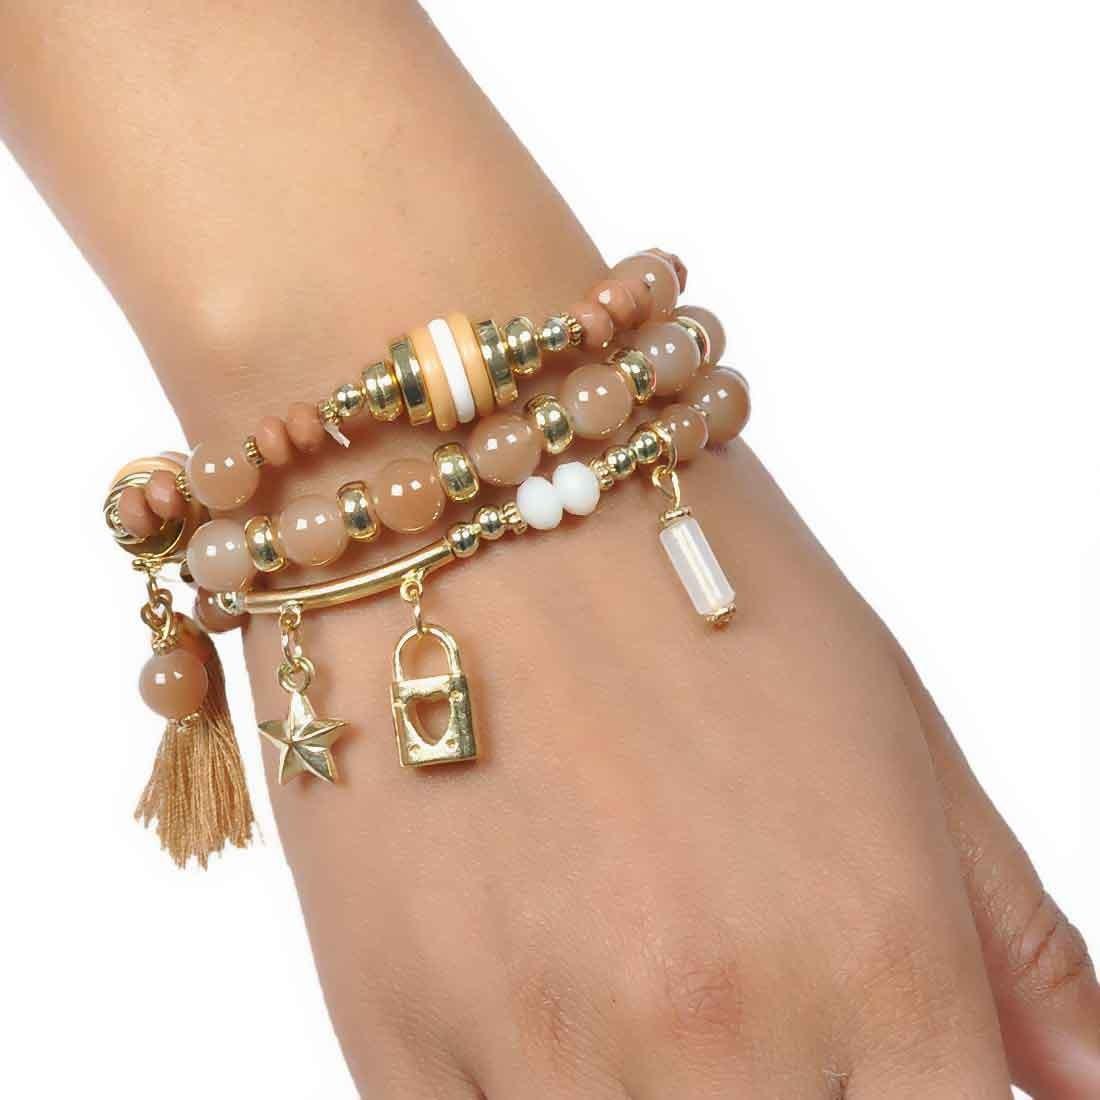 Special Multicolor Designer Adjustable Get-together Bracelet Alloy Maayra MY6858